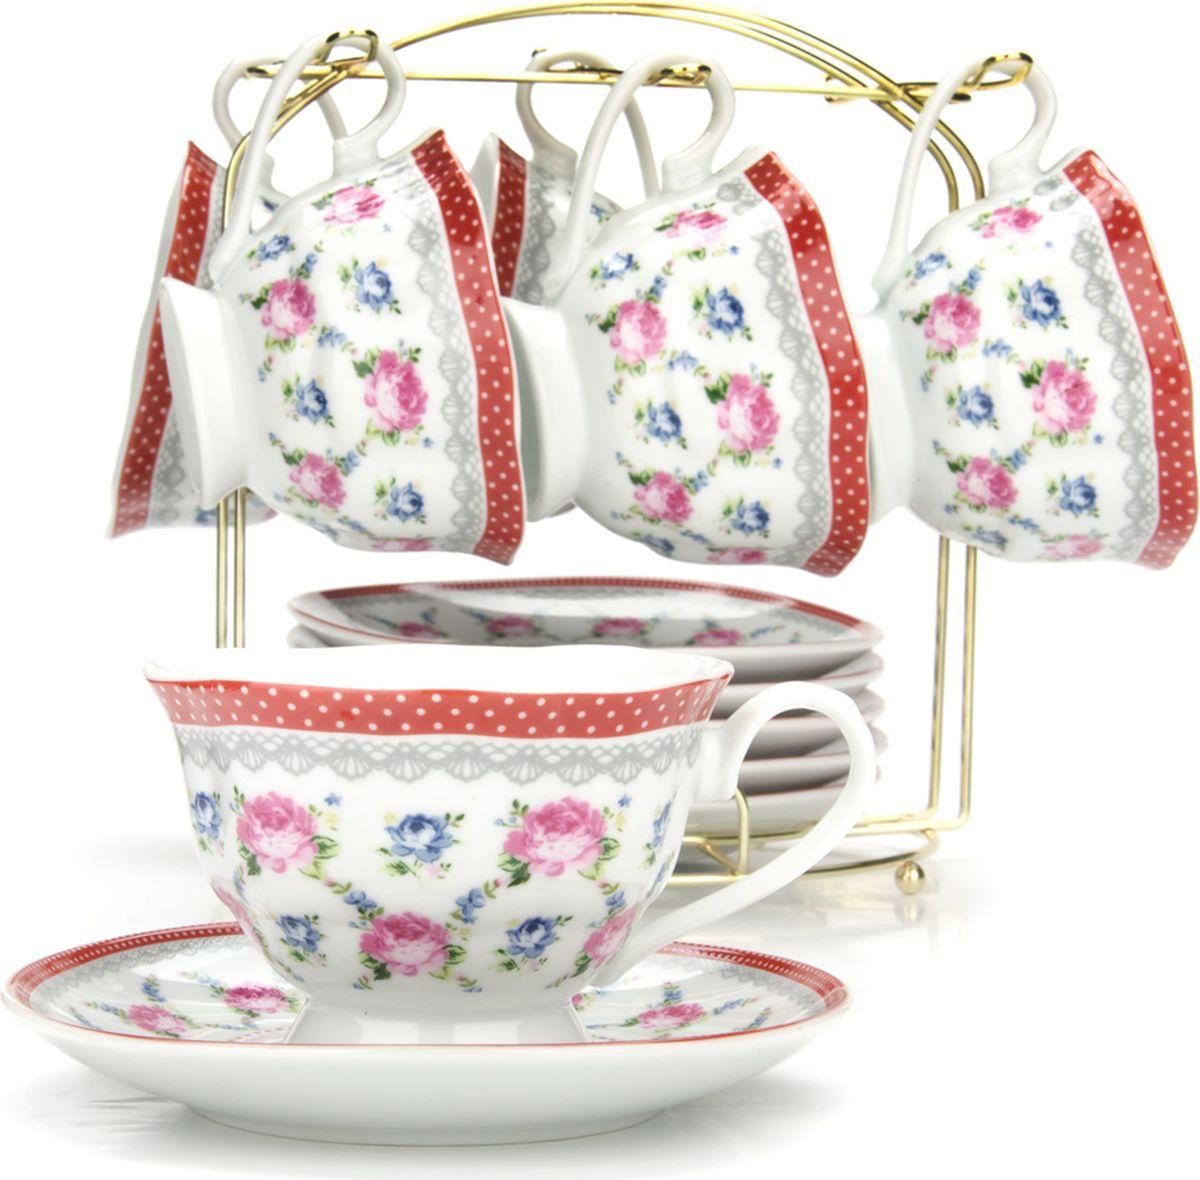 Сервиз чайный Loraine, на подставке, 13 предметов. 4329625947Чайный набор состоит из шести чашек, шести блюдец и металлической подставки. Предметы набора изготовлены из качественного фарфора и оформлены красочным рисунком. Чайный набор идеально подойдет для сервировки стола и станет отличным подарком к любому празднику. Все изделия можно компактно хранить на подставке, входящей в набор. Подходит для мытья в посудомоечной машине.Диаметр чашки: 9,5 см.Высота чашки: 6,5 см.Объем чашки: 180 мл.Диаметр блюдца: 14 см.